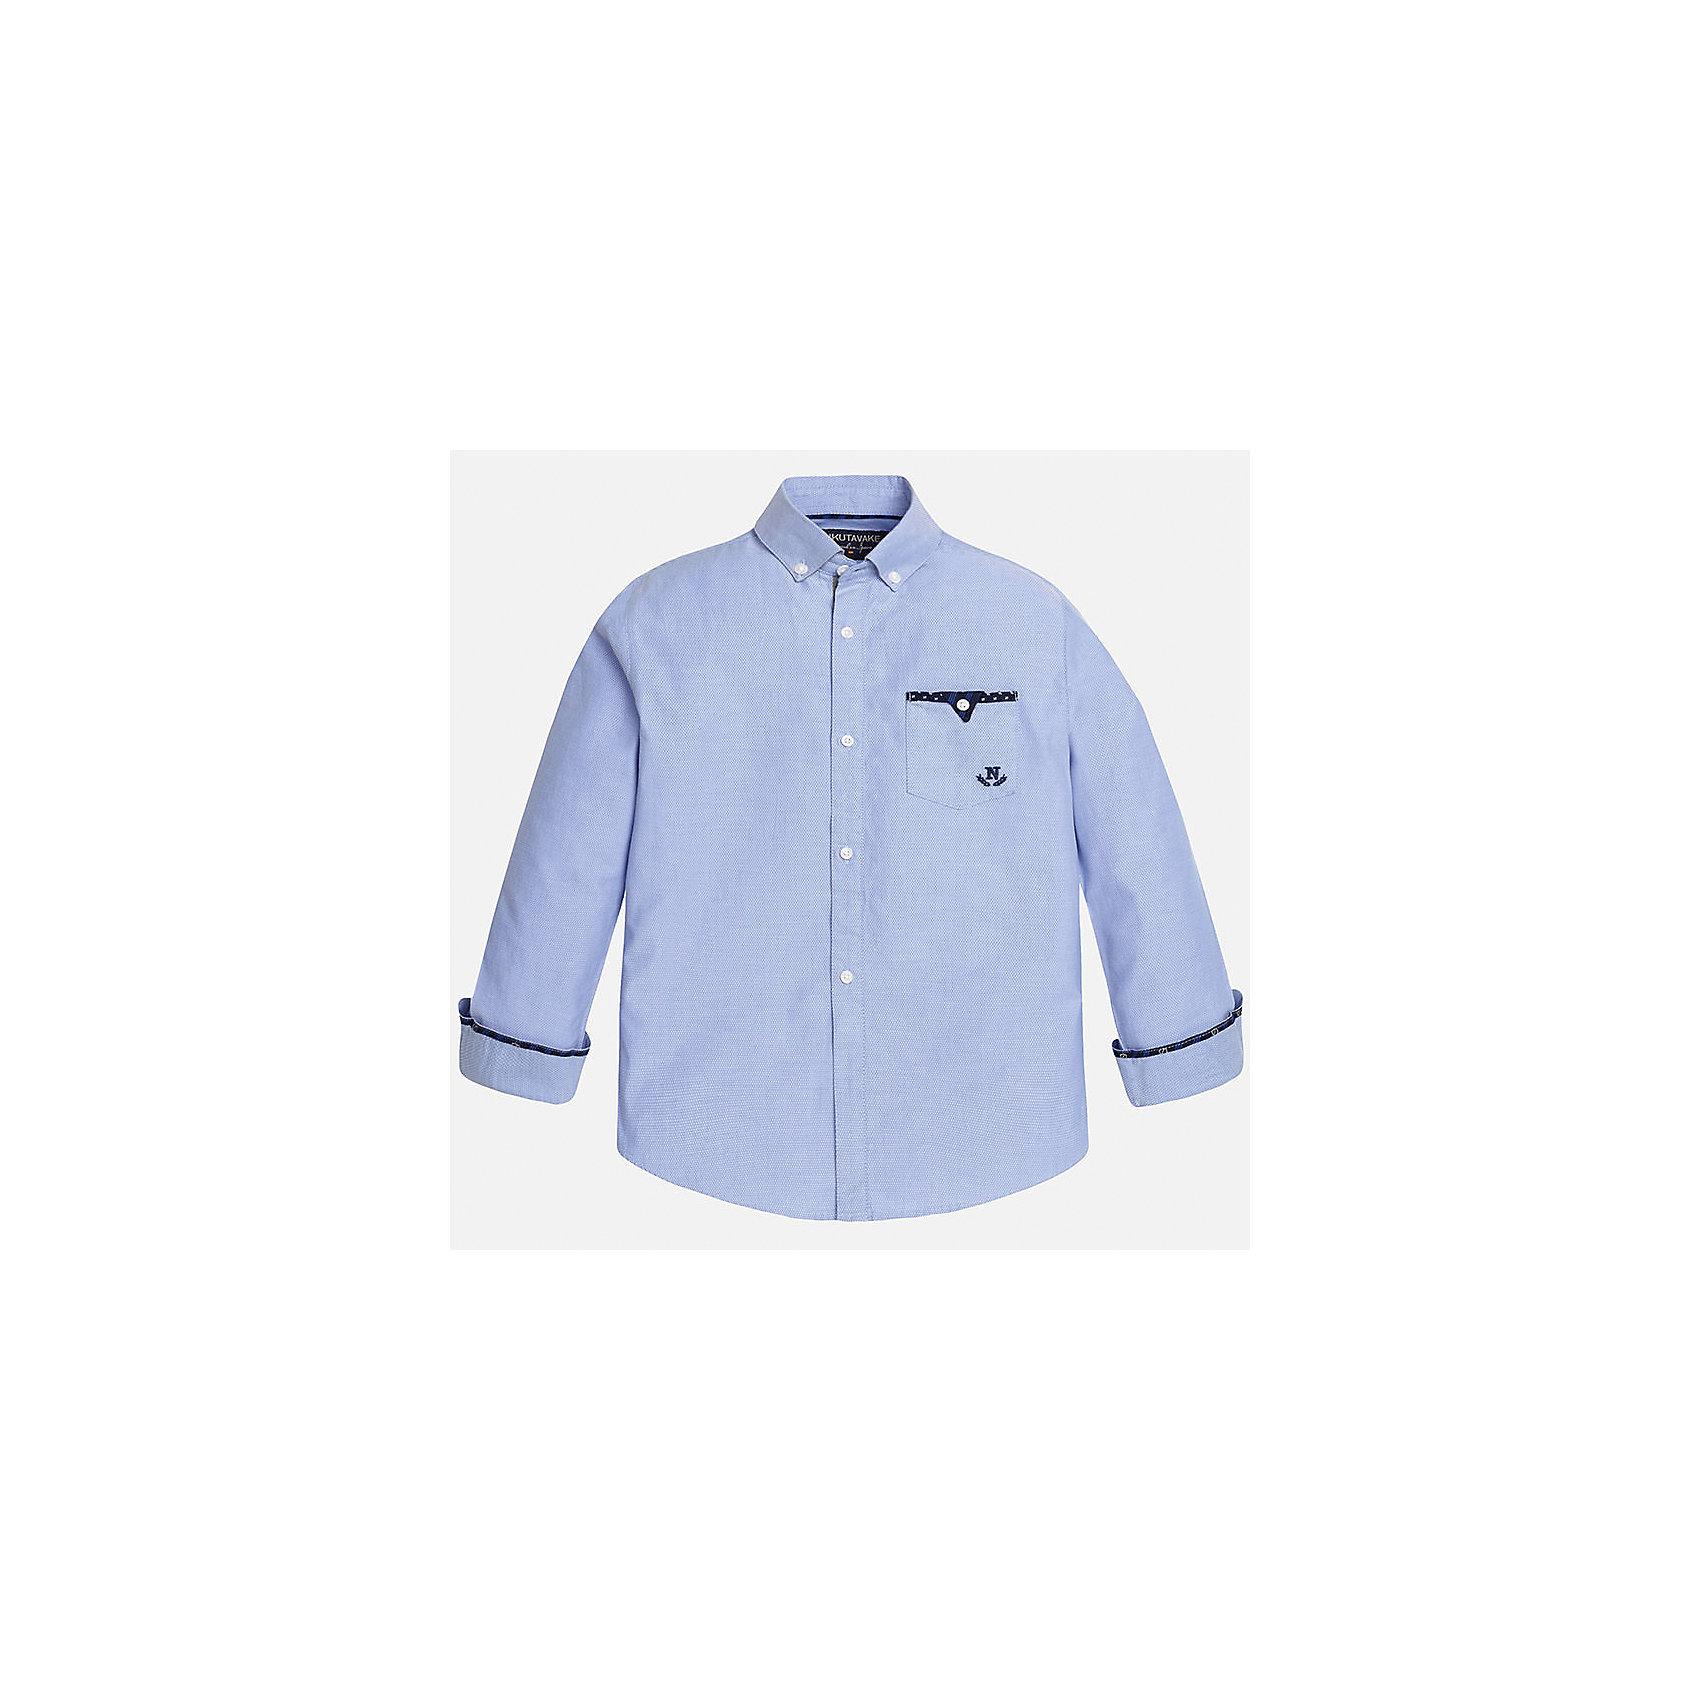 Рубашка для мальчика MayoralРубашка для мальчика из коллекции осень-зима 2016-2017 известного испанского бренда Mayoral (Майорал). Стильная и удобная рубашка на каждый день. Приятный пастельно-голубой цвет рубашки прекрасно сочетается с темно-синими деталями и пестрыми заплатами на локтях. Рубашка застегивается на пуговицы с дизайном, а качественный дизайн манжетов при подвороте придет по вкусу вашему ребенку. Рубашка отлично подойдет как к брюкам, так и к джинсам кроме того, ее можно носить поверх футболки.<br><br>Дополнительная информация:<br><br>- Рукав: длинный<br>- Силуэт: прямой<br>Состав: 100% хлопок<br><br>Рубашку для мальчиков Mayoral (Майорал) можно купить в нашем интернет-магазине.<br><br>Подробнее:<br>• Для детей в возрасте: от 10 до 16 лет<br>• Номер товара: 4826878<br>Страна производитель: Индия<br><br>Ширина мм: 174<br>Глубина мм: 10<br>Высота мм: 169<br>Вес г: 157<br>Цвет: голубой<br>Возраст от месяцев: 168<br>Возраст до месяцев: 180<br>Пол: Мужской<br>Возраст: Детский<br>Размер: 164/170,128/134,146/152,158/164,152/158,140/146<br>SKU: 4826877